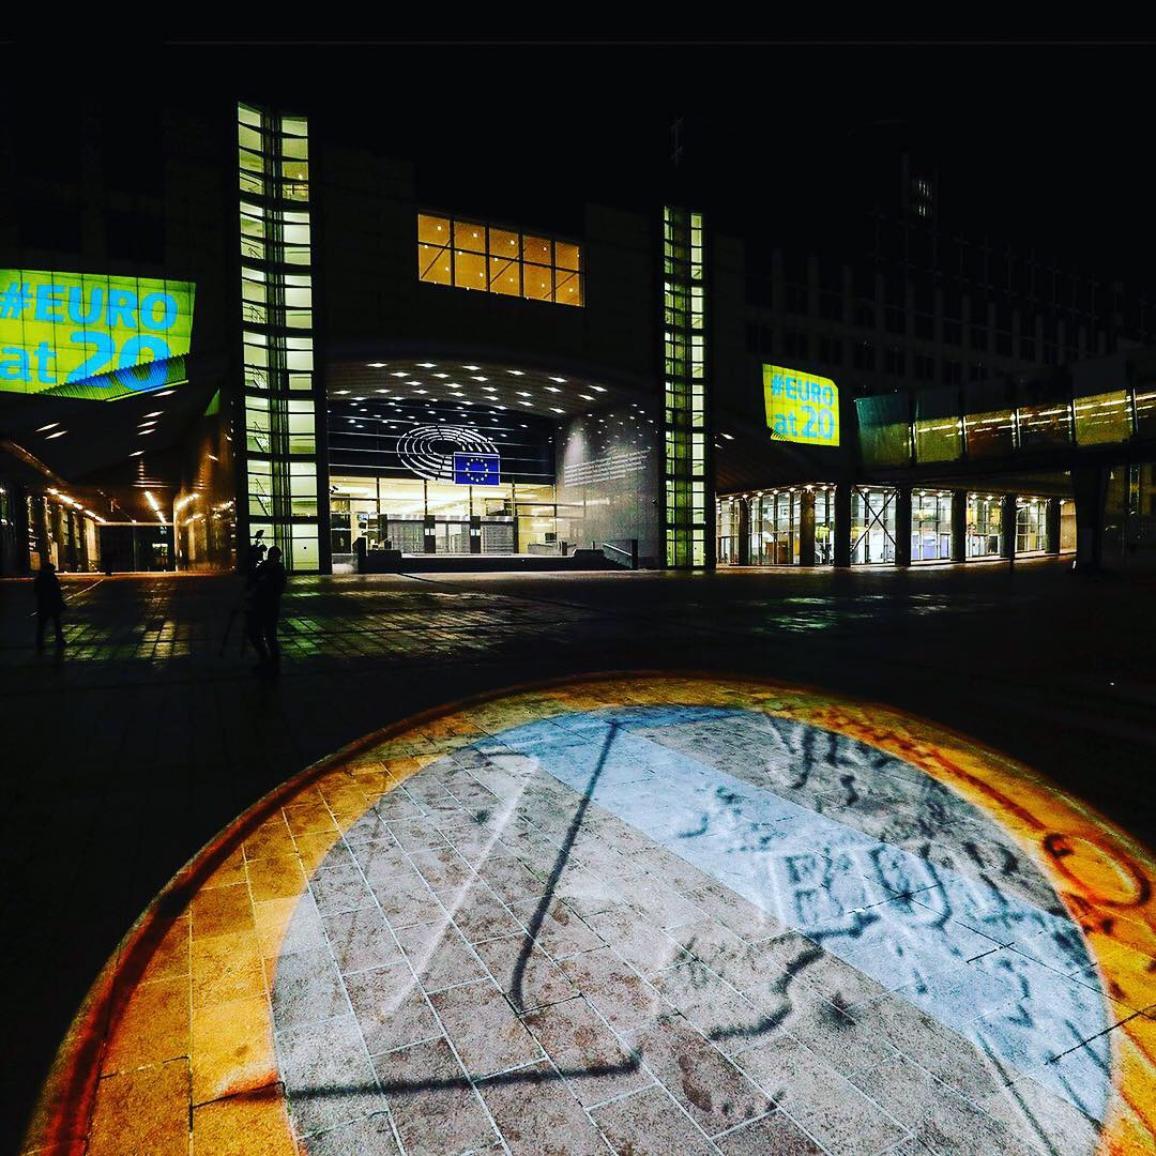 Imagen de la decoración del edificio del Parlamento en Bruselas para conmemorar el 20 aniversario del euro